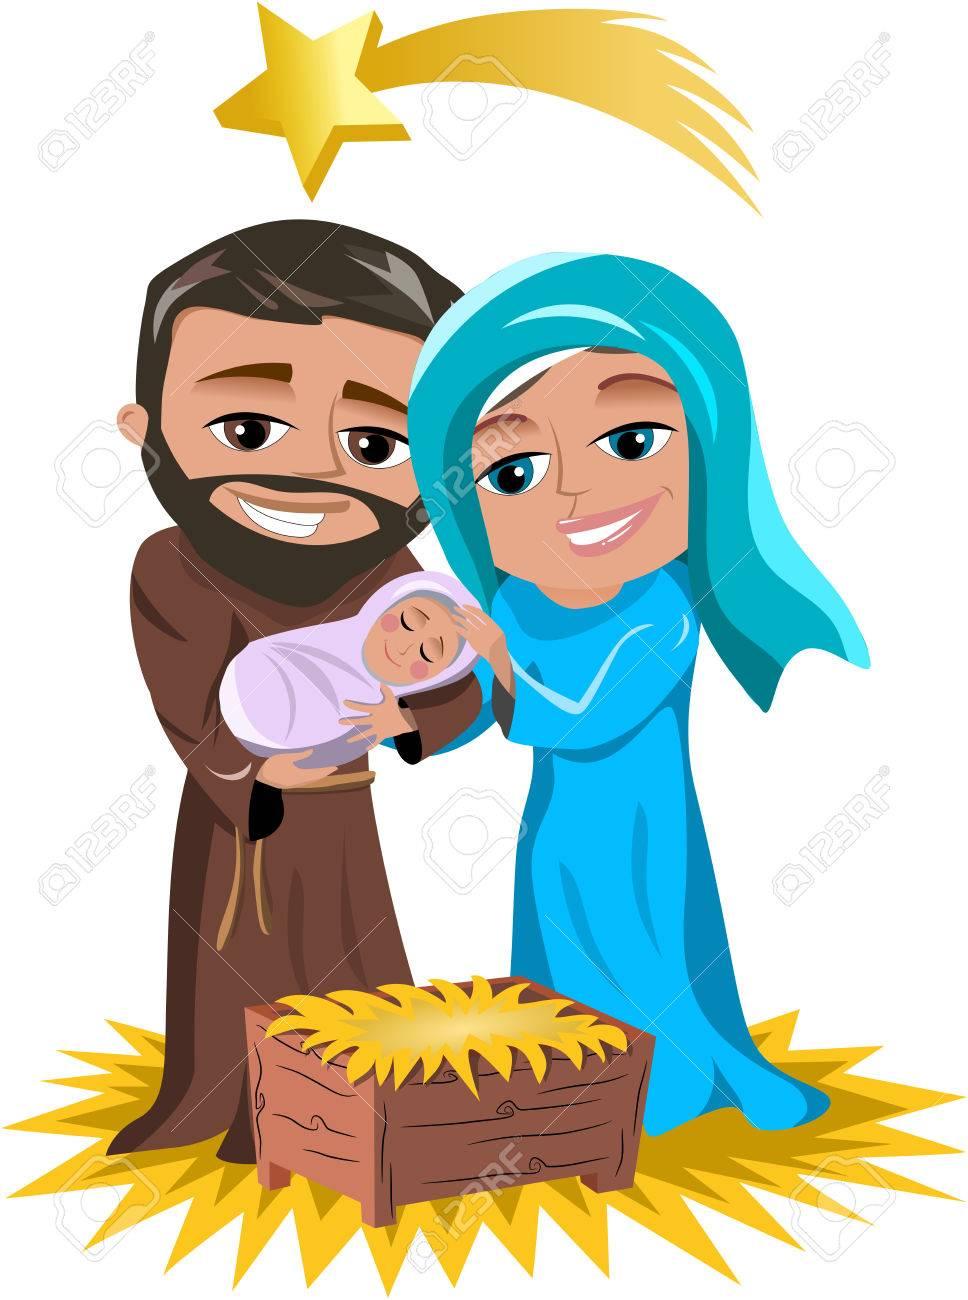 Immagini Di Natale Con Sacra Famiglia.Presepe Di Natale Con Sacra Famiglia Joseph Piccolo Gesu E Maria Isolato